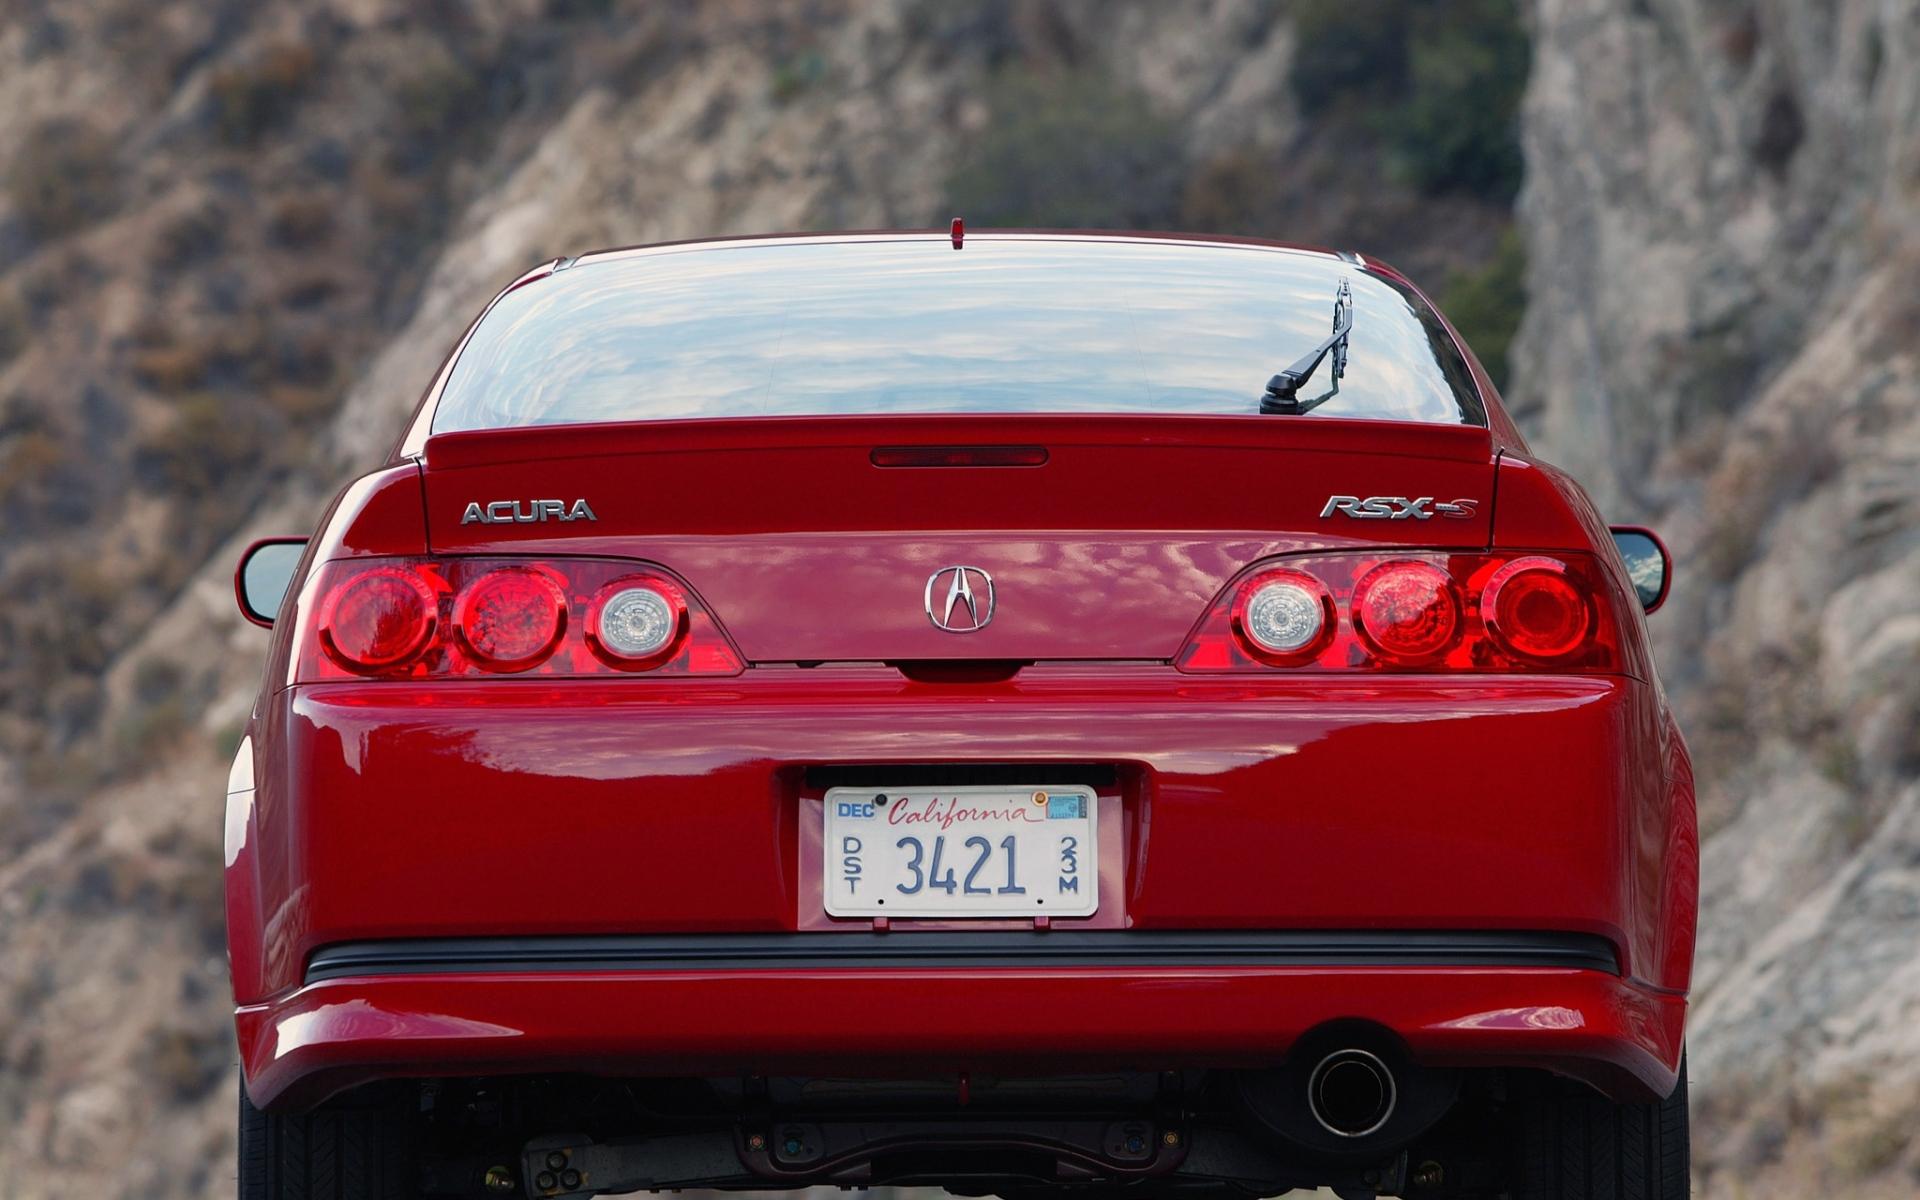 Картинки Acura, rsx, красный, вид сзади, стиль, автомобили, природа, асфальт фото и обои на рабочий стол